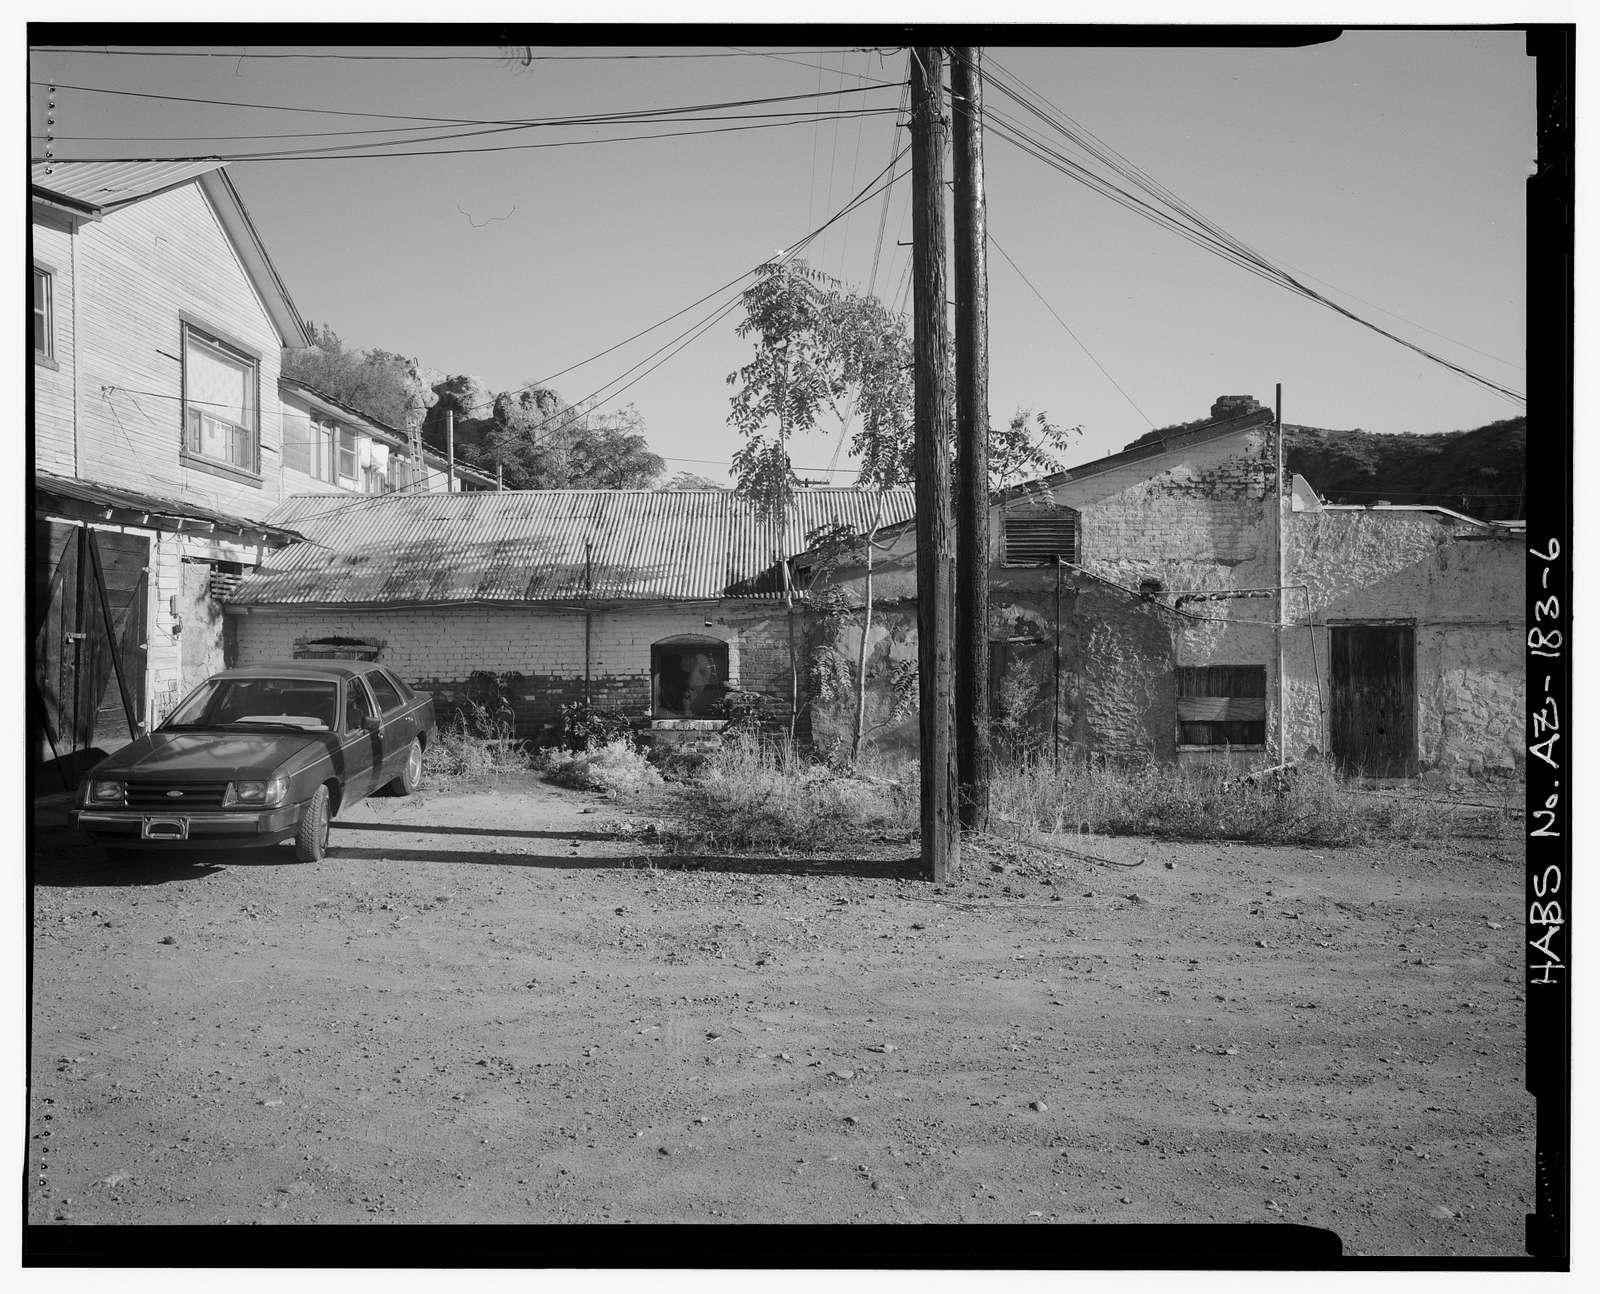 La Casa Grande, Park Avenue, Clifton, Greenlee County, AZ